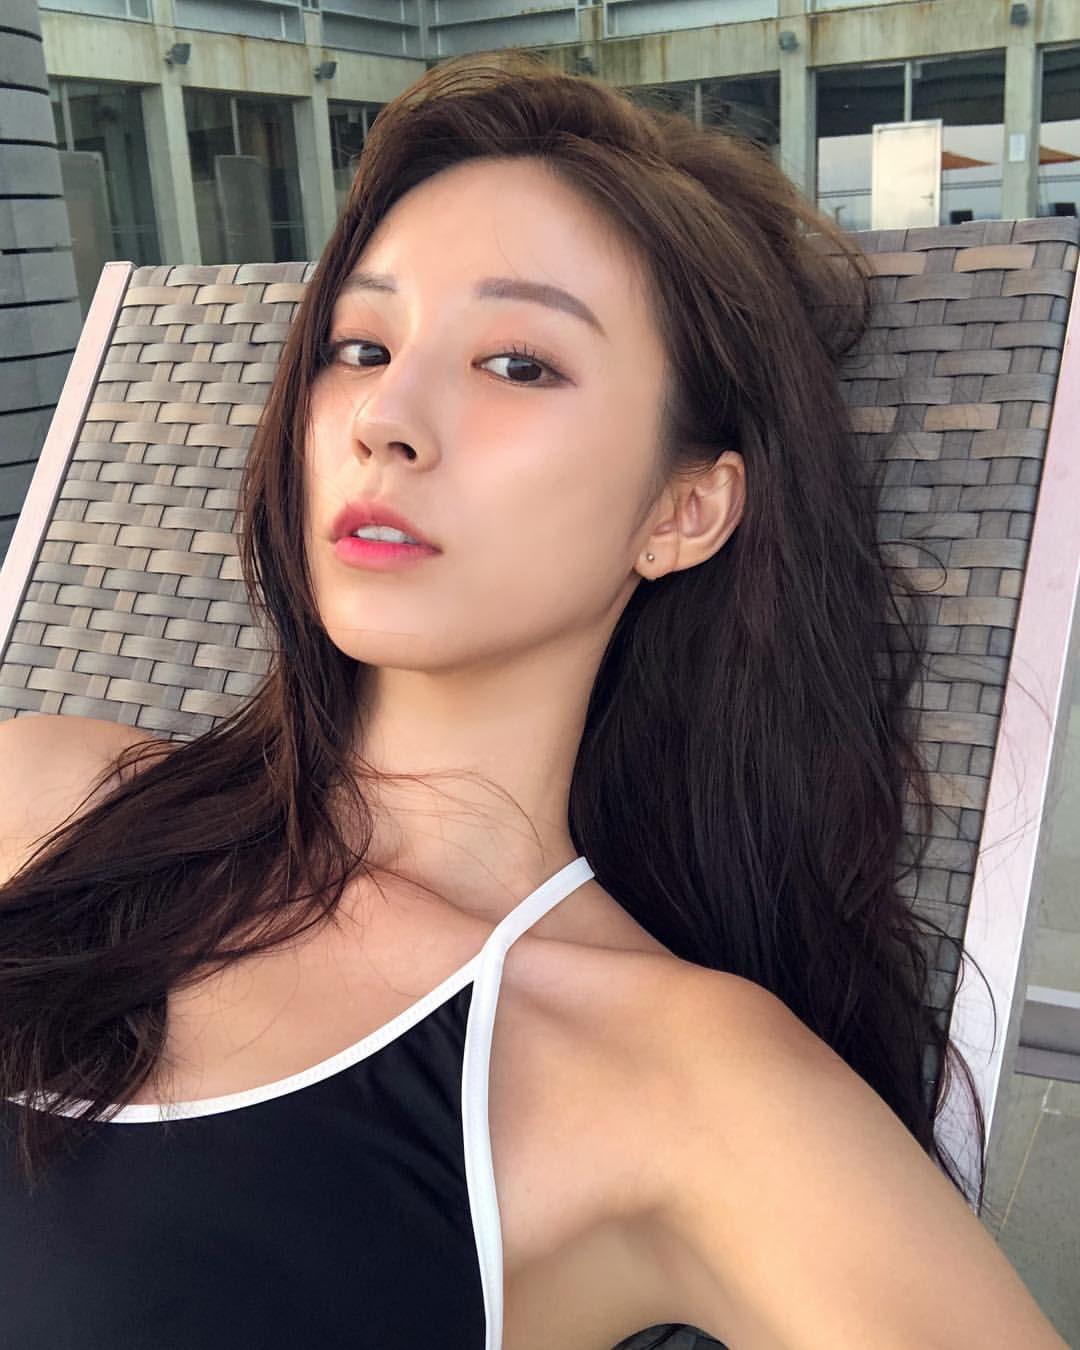 Hot Korean Girl Big Boobs